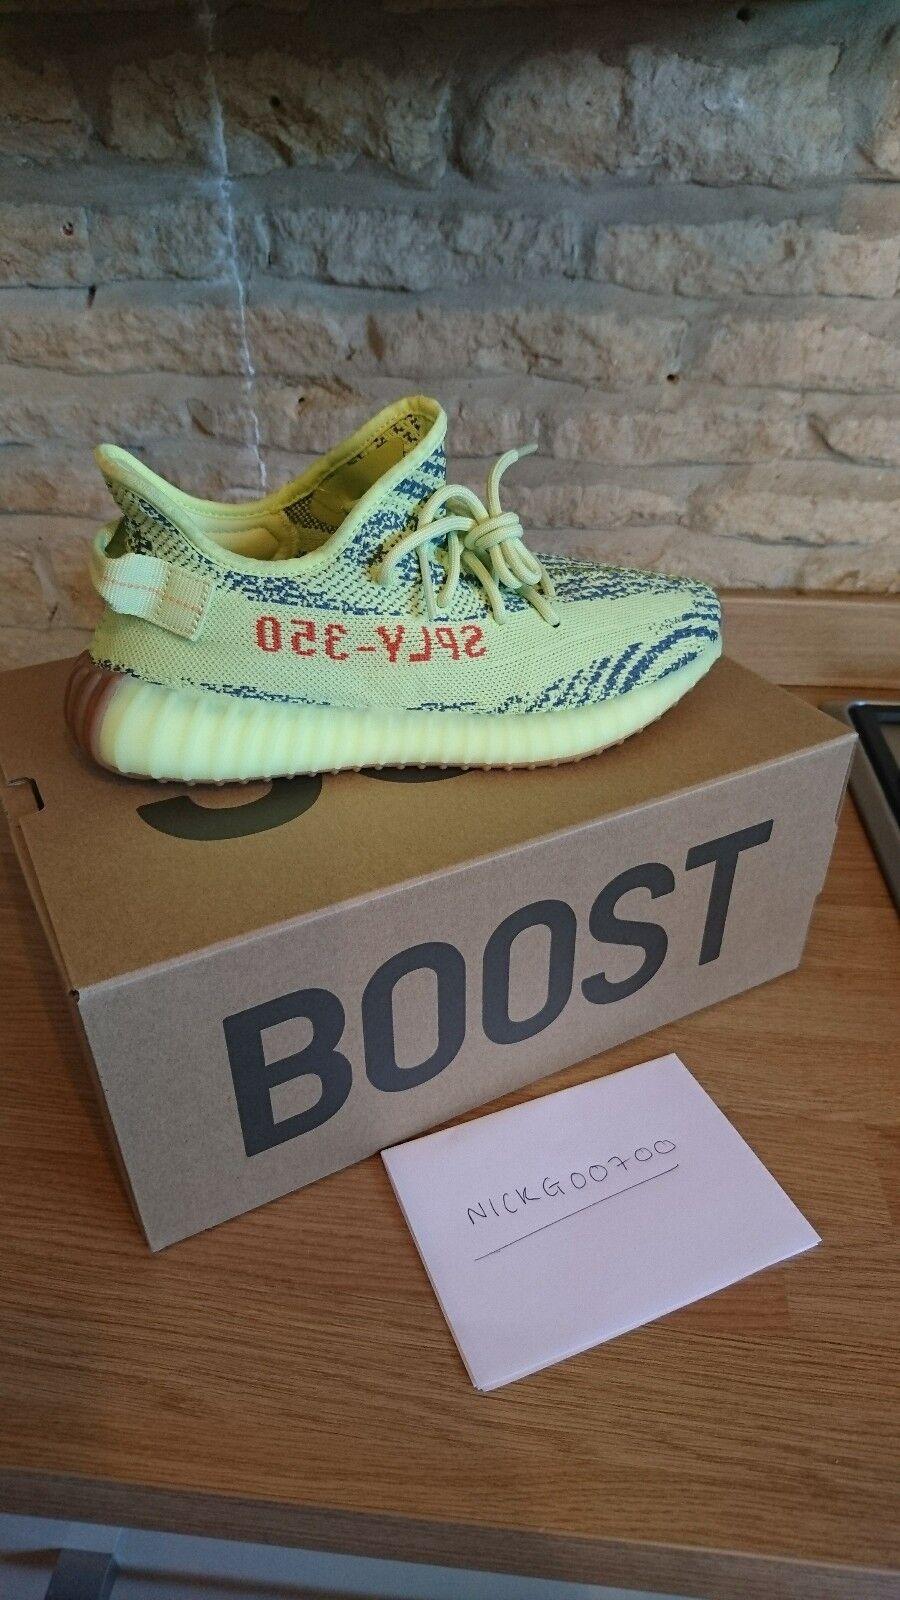 Adidas Yeezy Boost 350 v2 v2 v2 GIALLO Frozen Tg  paga NON DO  per FALSI  9e4e79